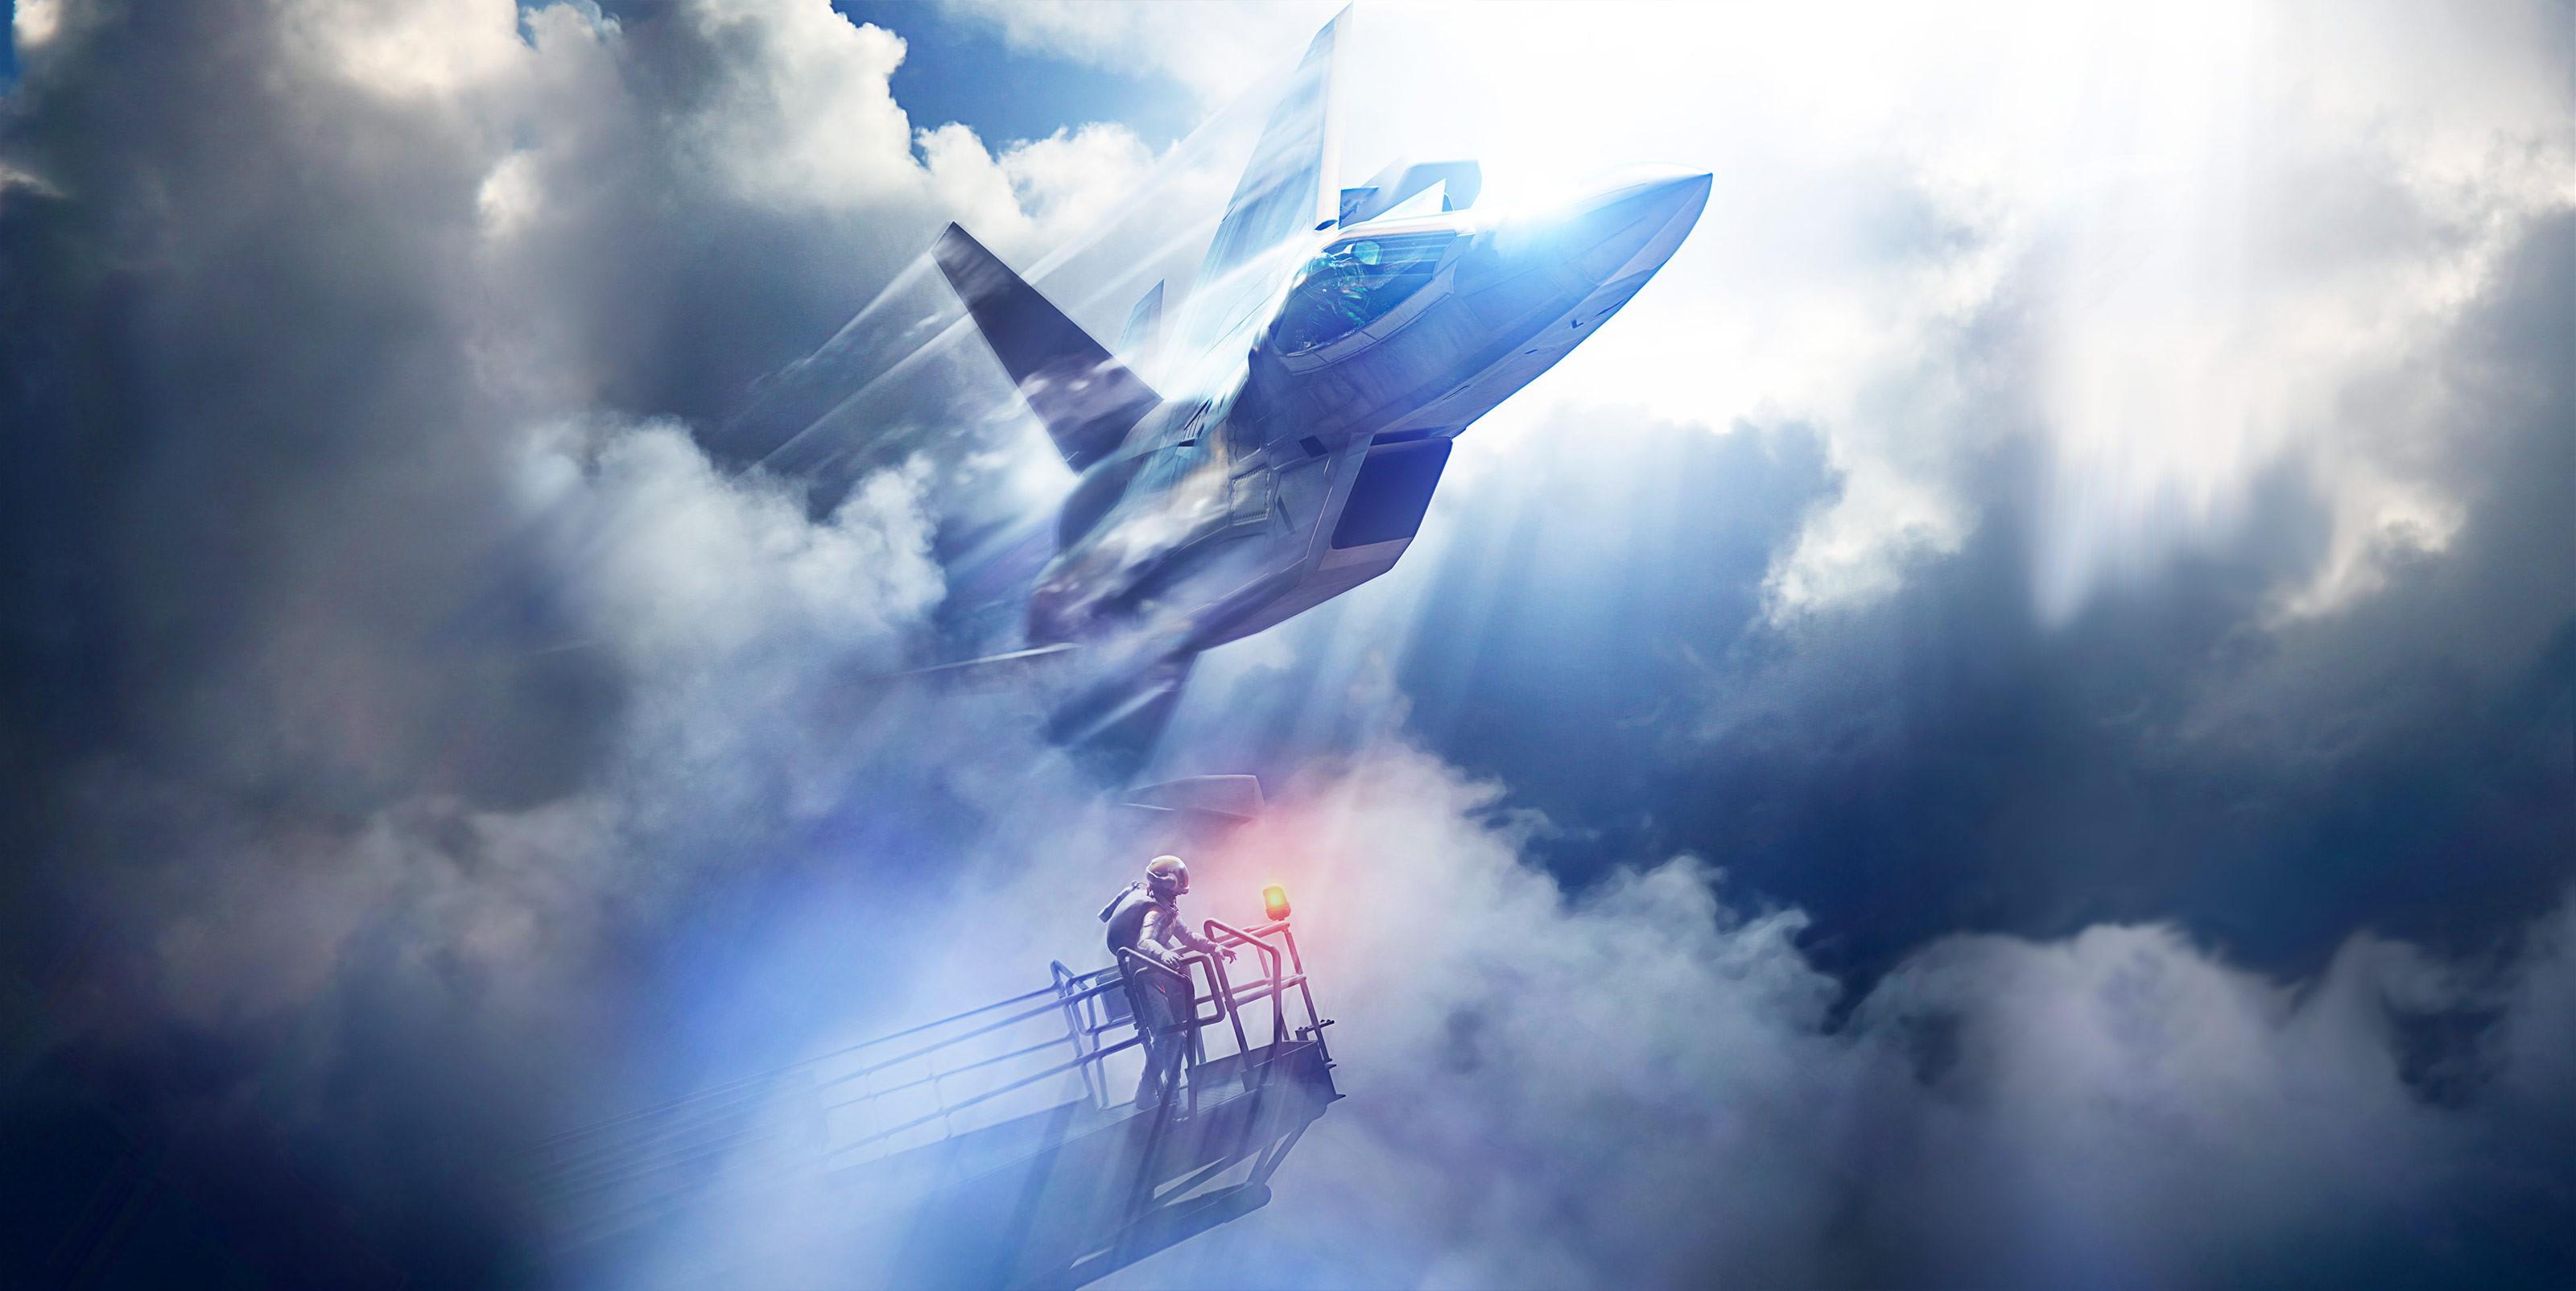 TpGS 17:经典空战游戏《皇牌空战7》中文化+VR